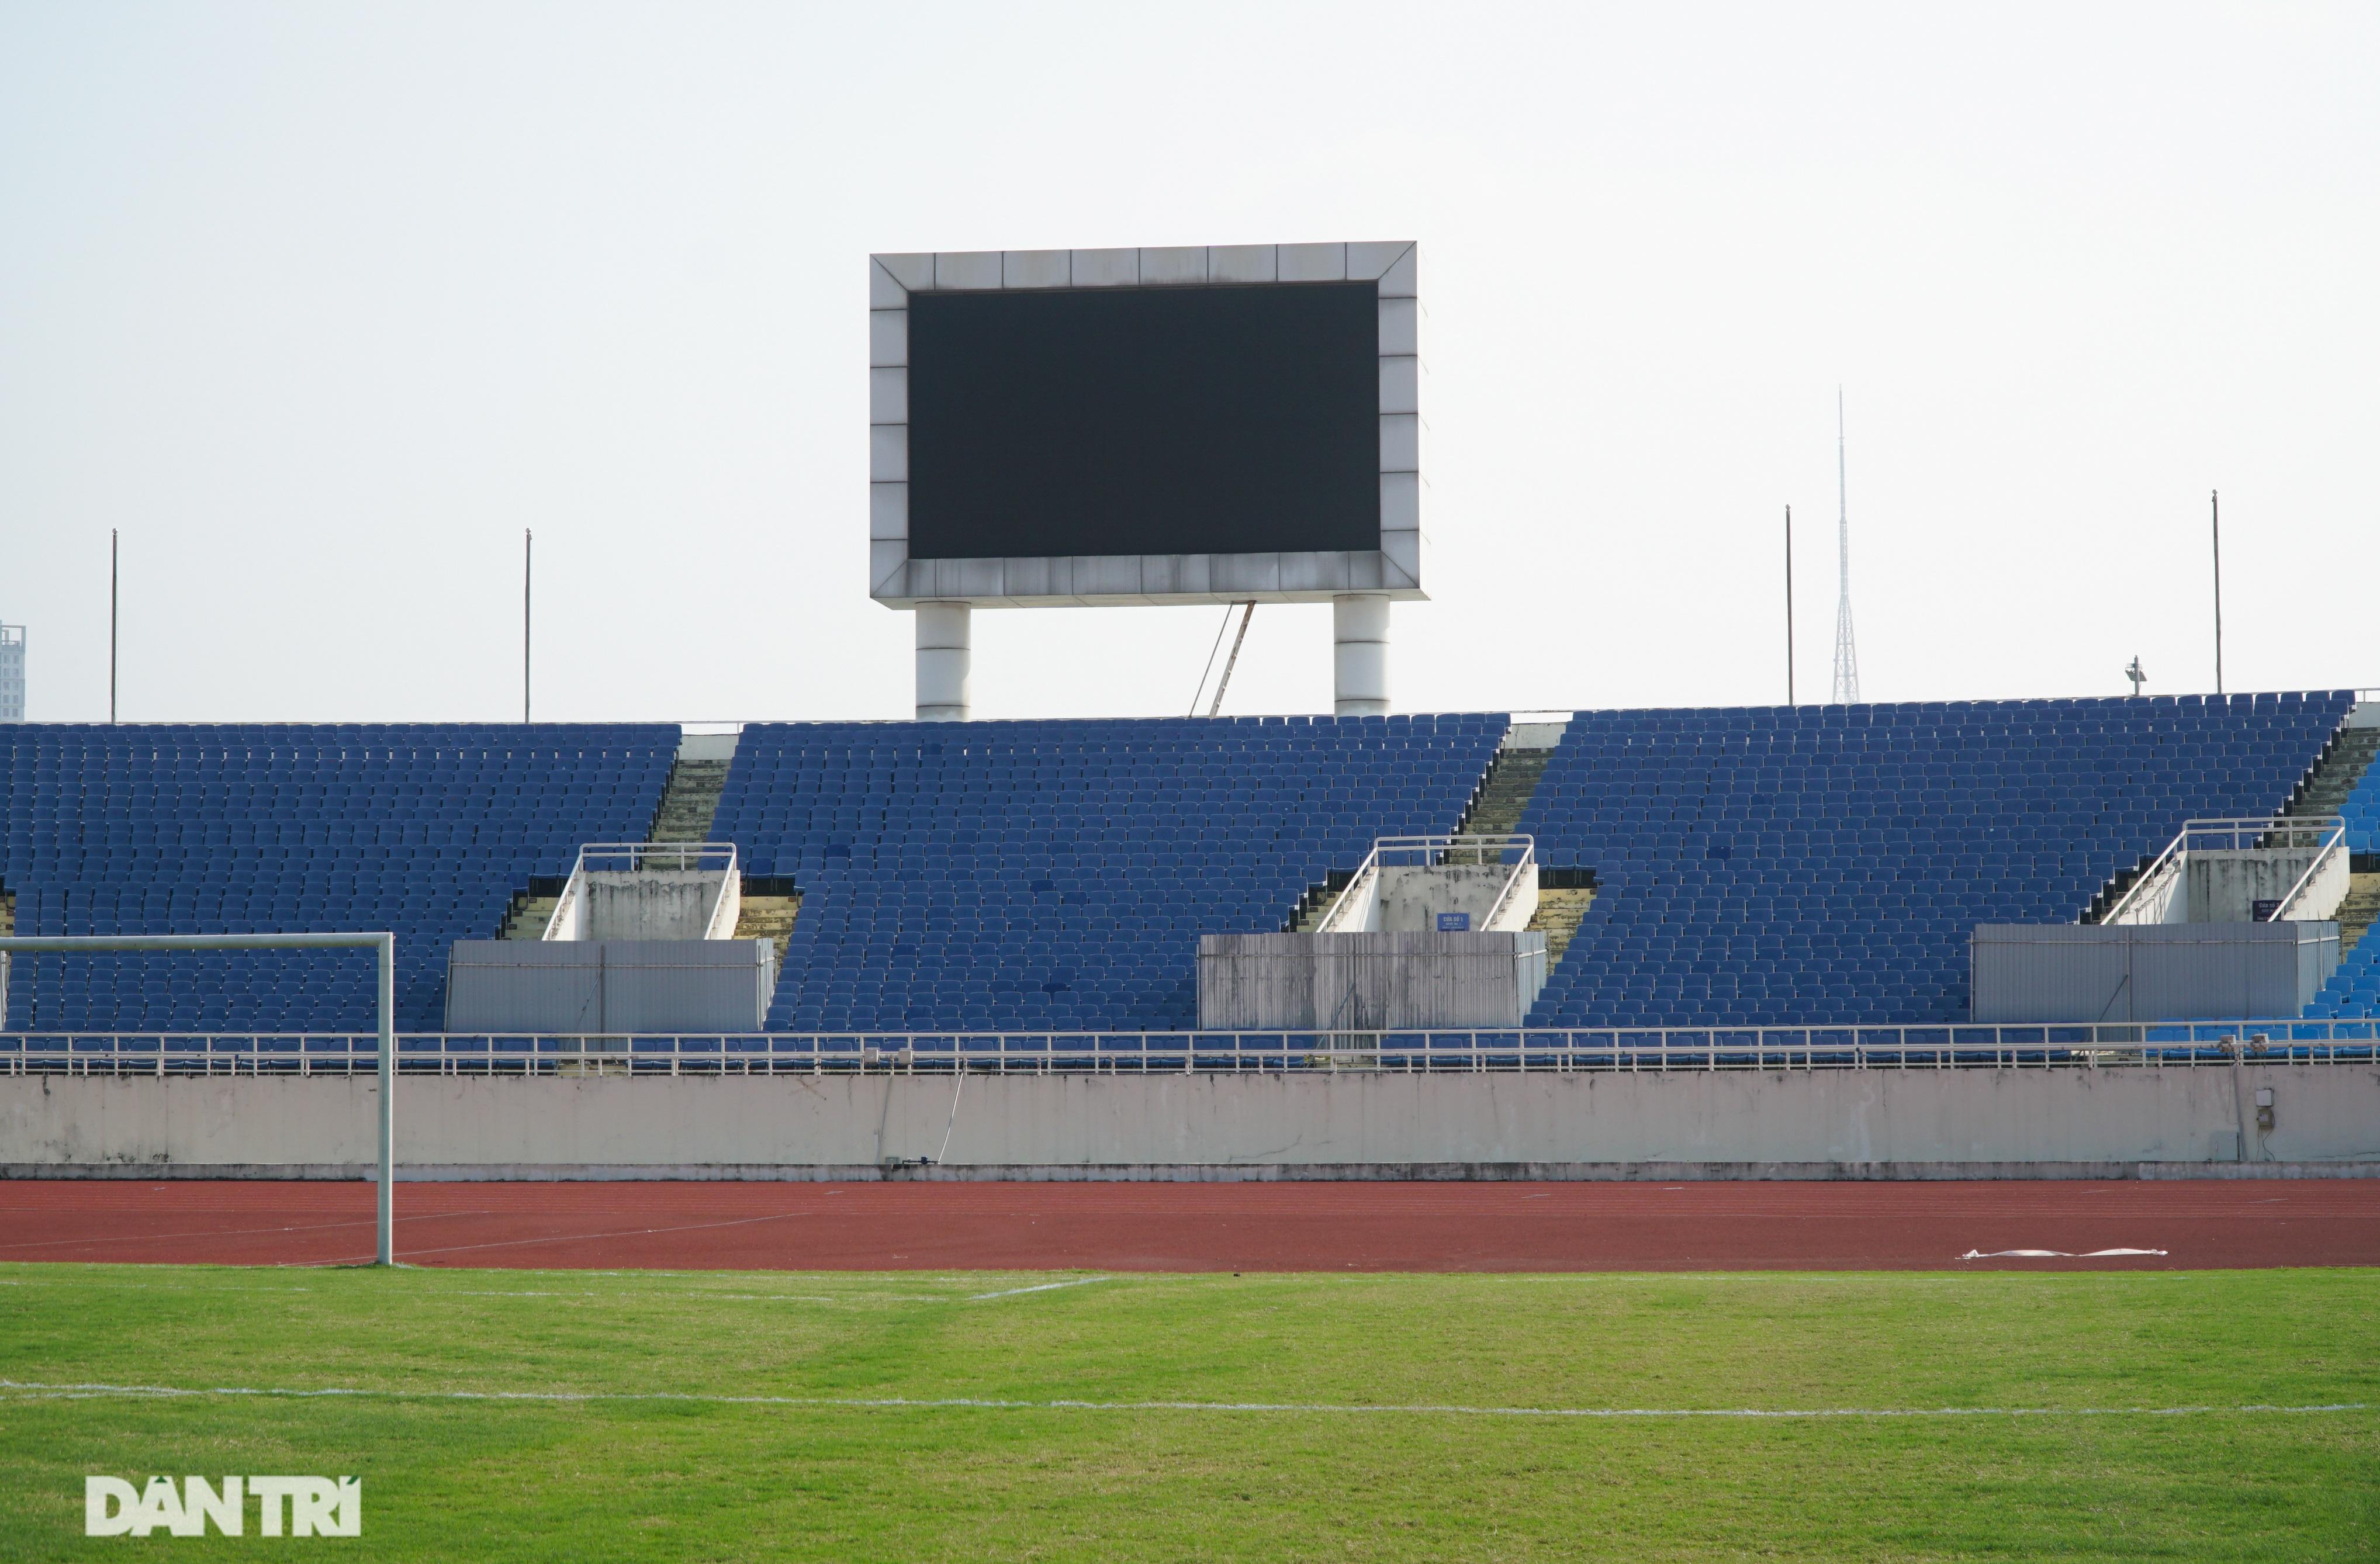 Cận cảnh đại tu Sân vận động Mỹ Đình sau 17 năm hoạt động - 8